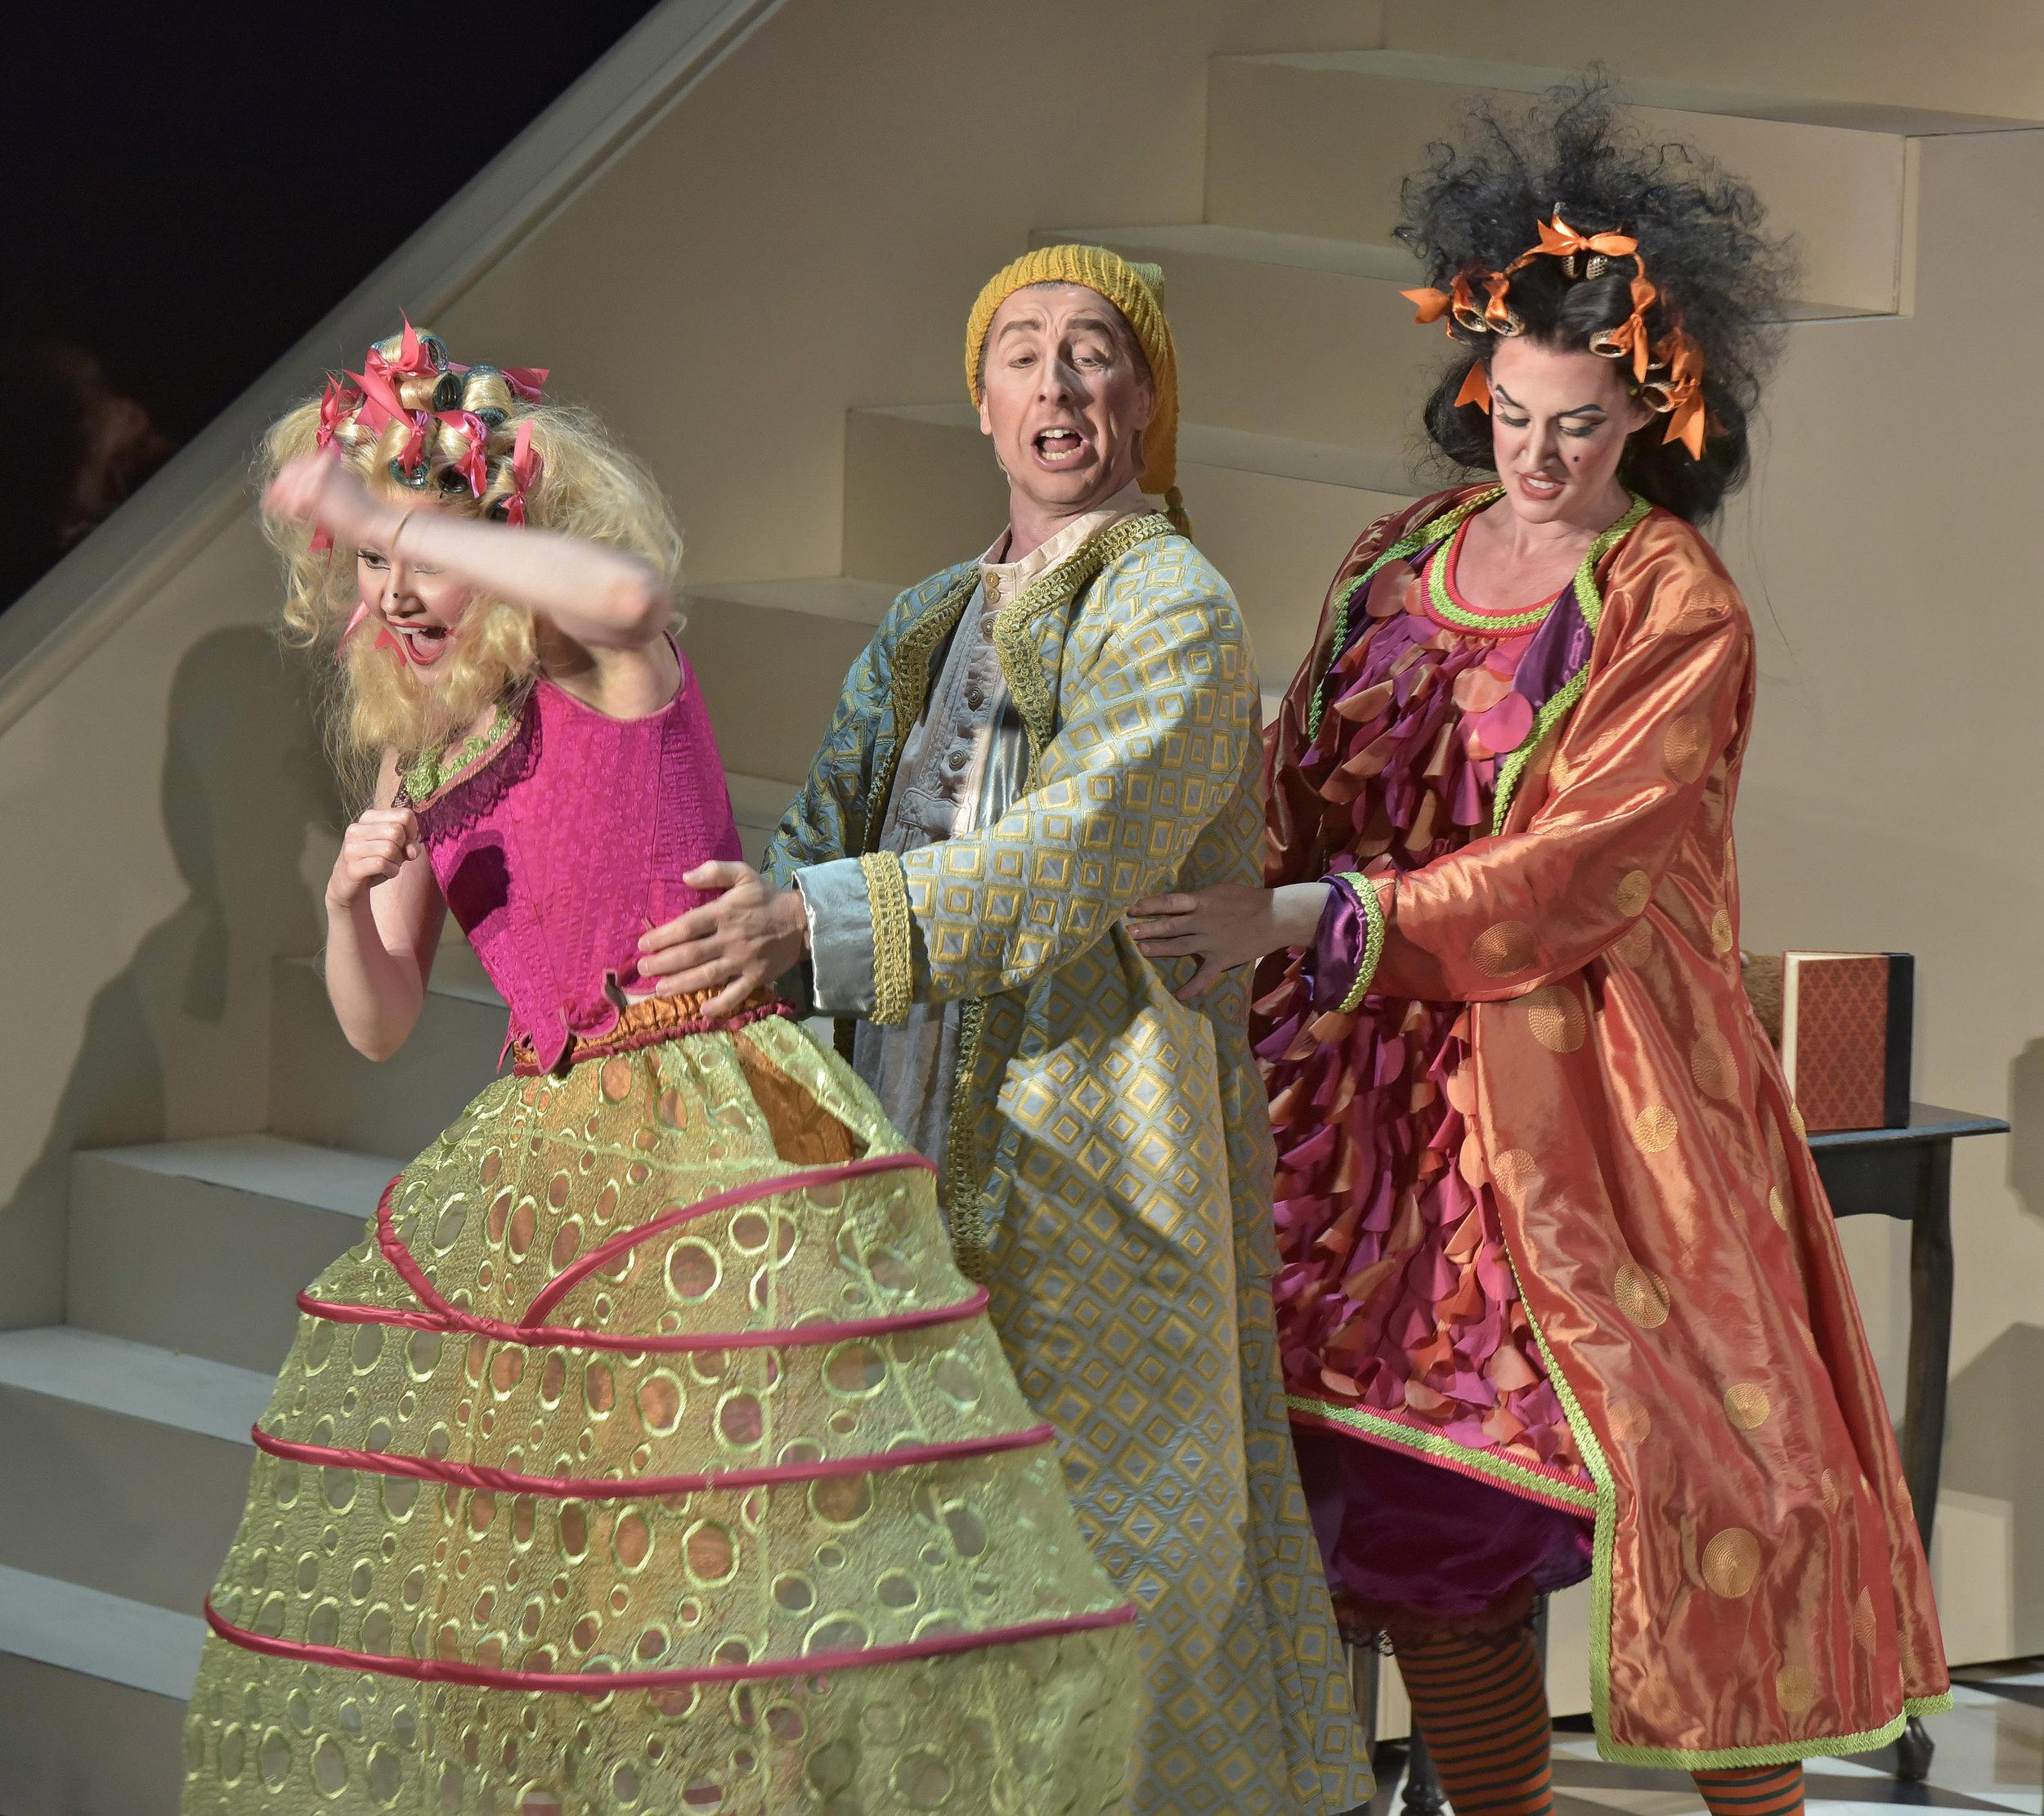 Opera_Saratoga_GG62238.jpg